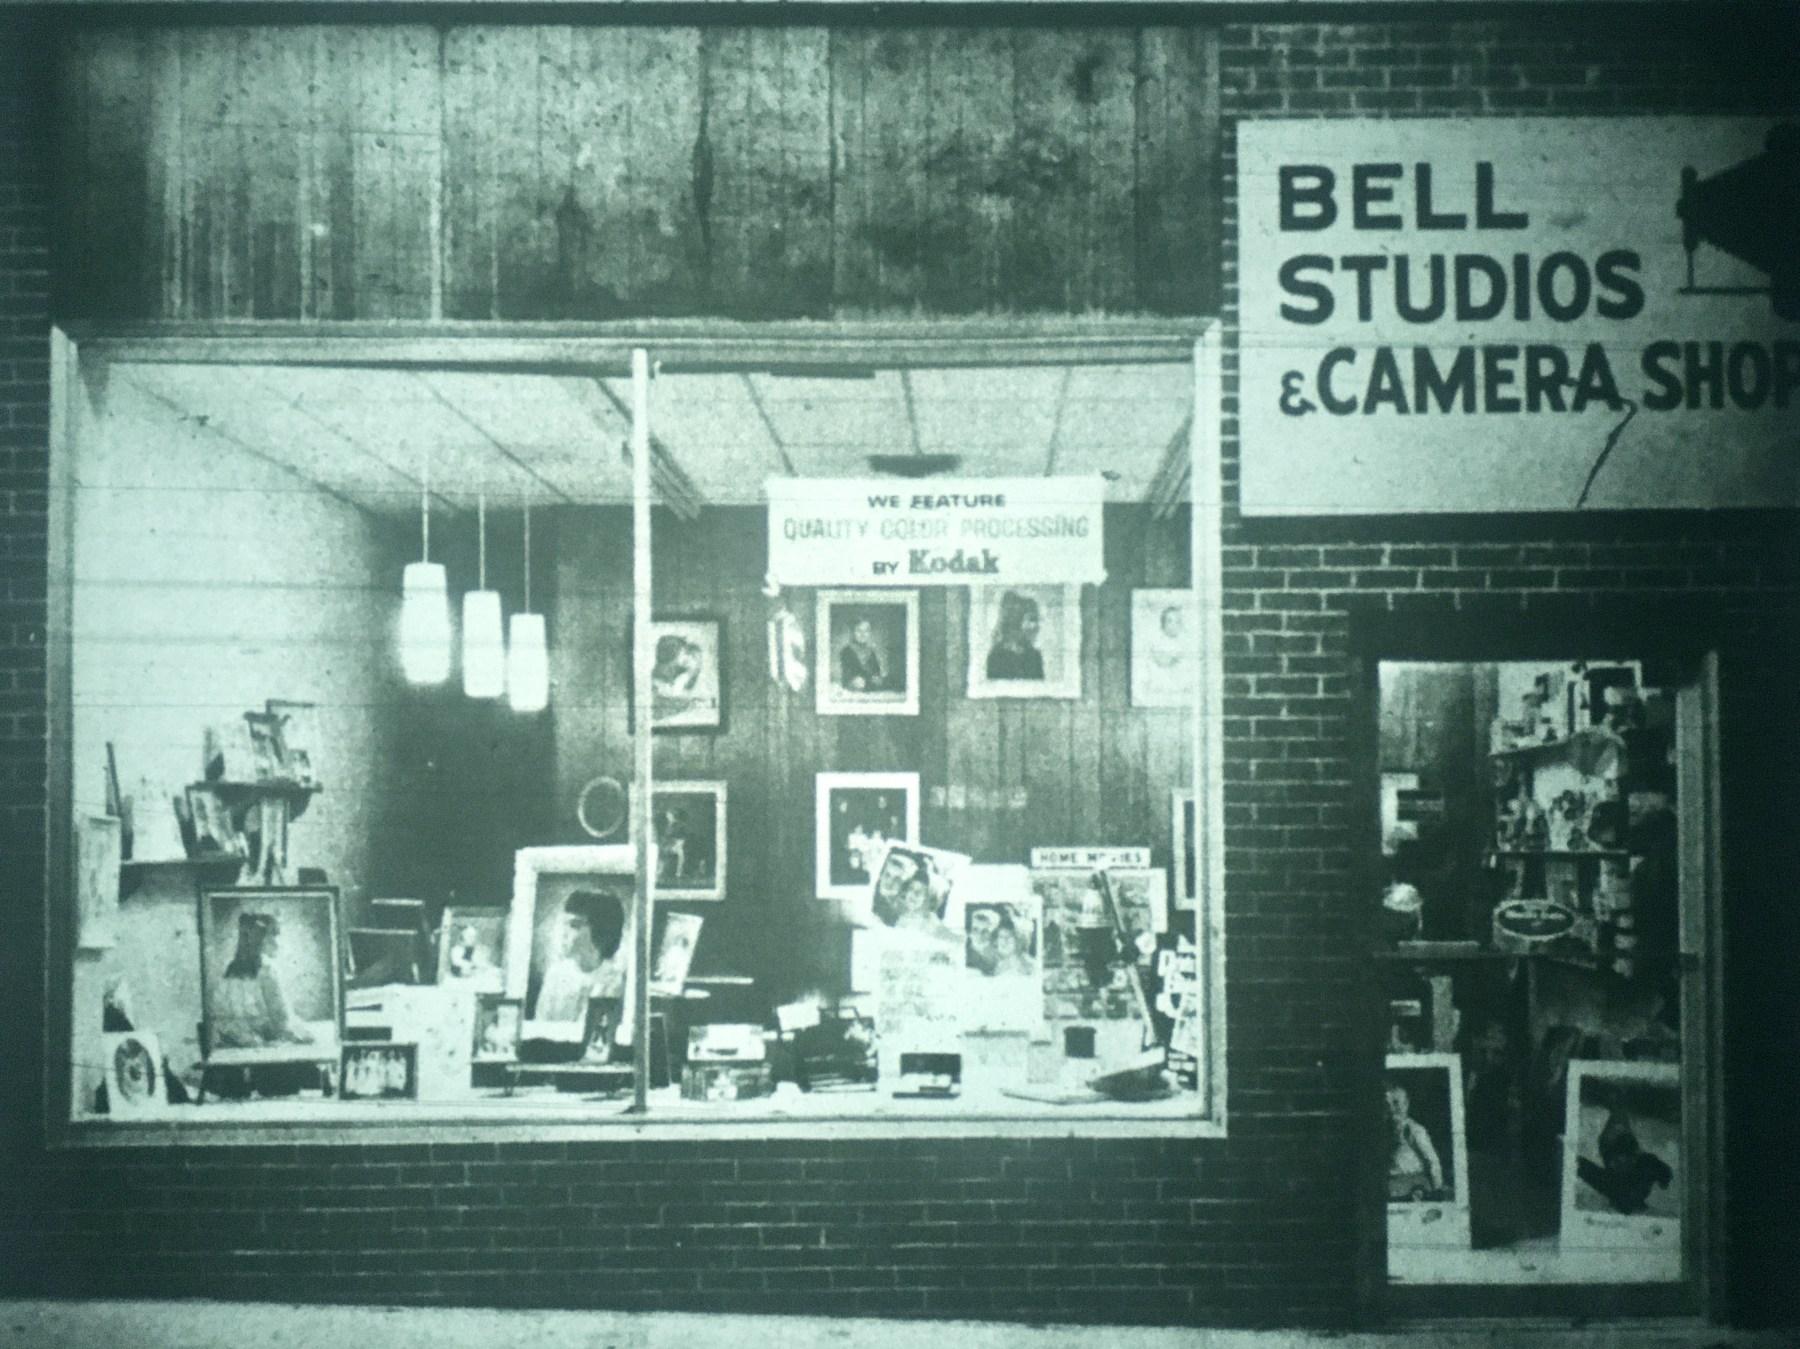 Bell Studios & Camera Shop Burlington MA